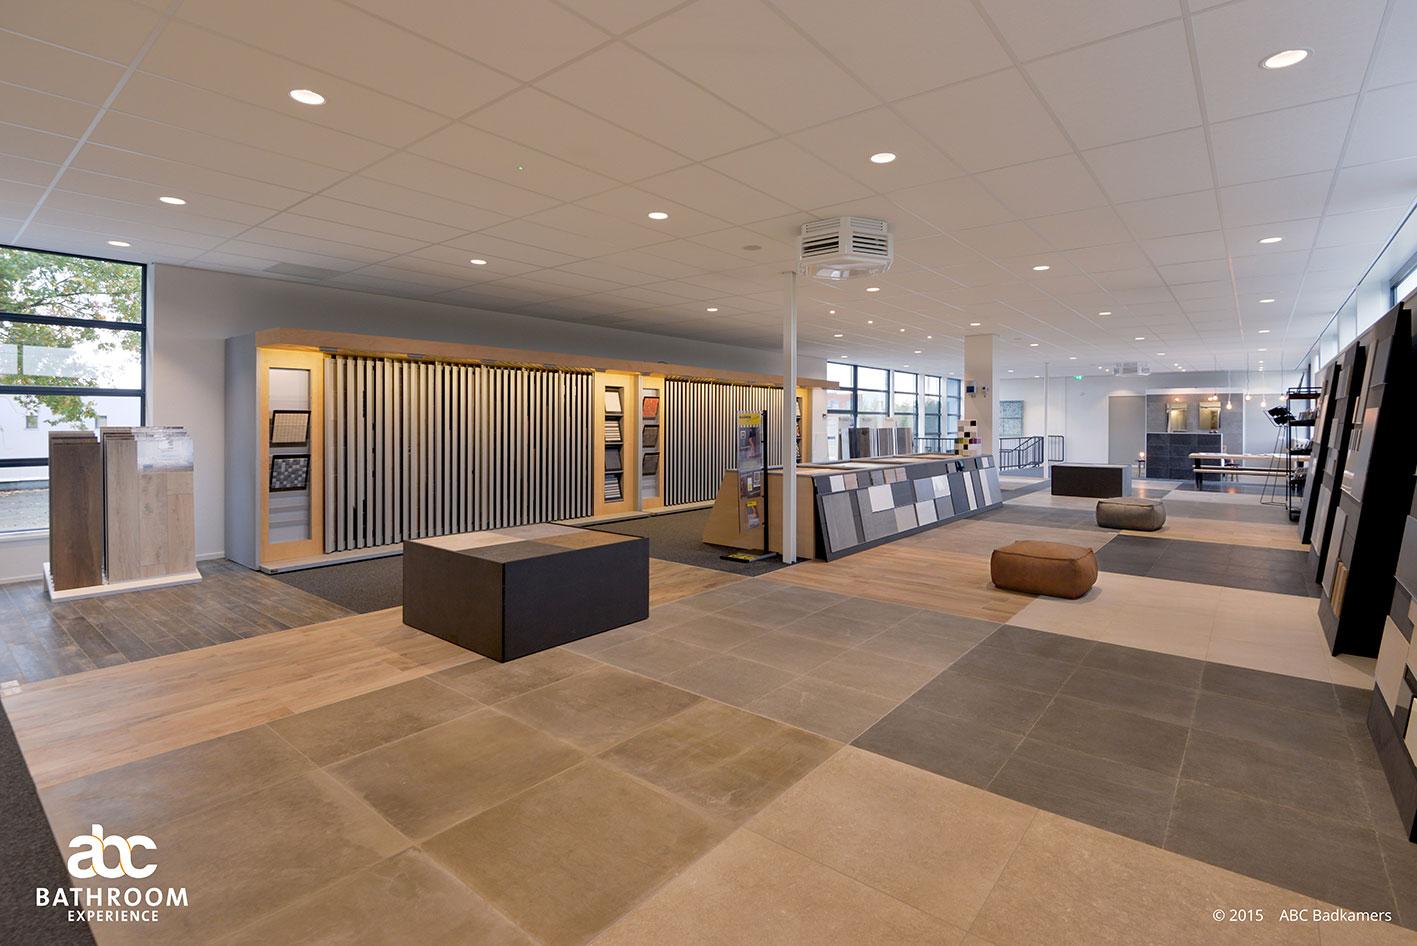 Badkamer Showroom Zutphen : Showroom abc badkamers deventer overijssel